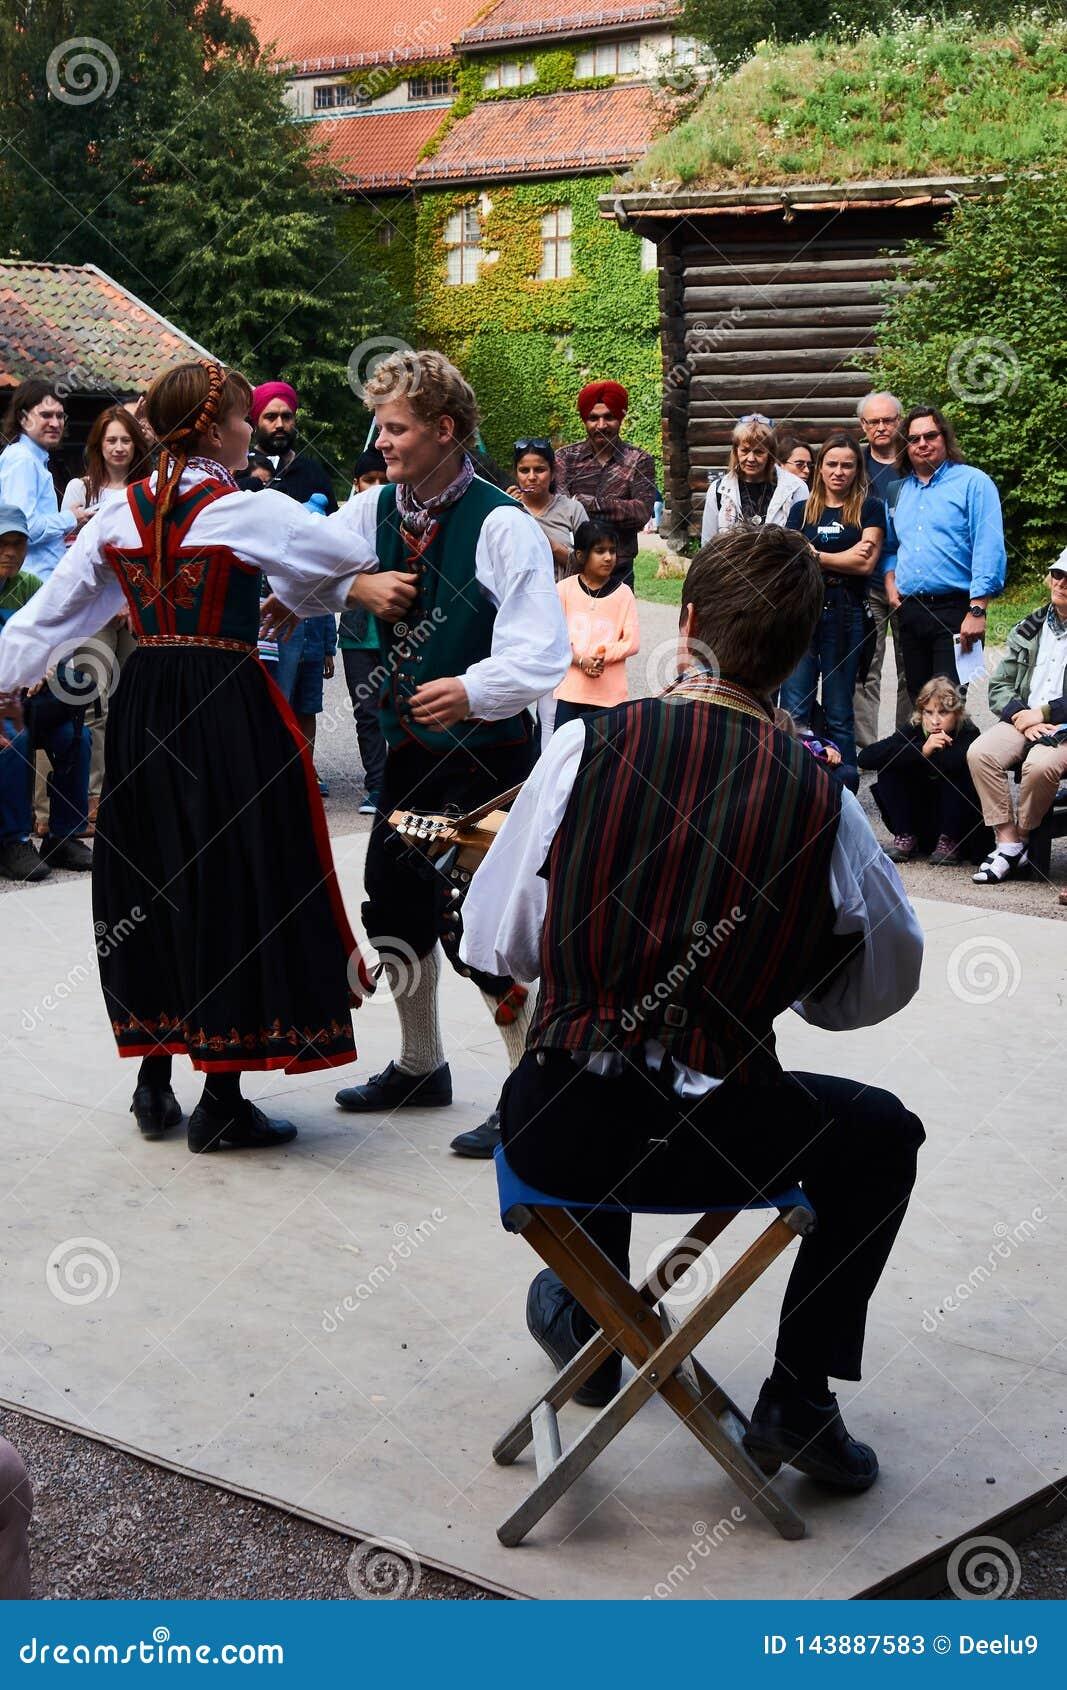 Οι παραδοσιακοί νορβηγικοί λαϊκοί χορευτές μέσα στο Όσλο